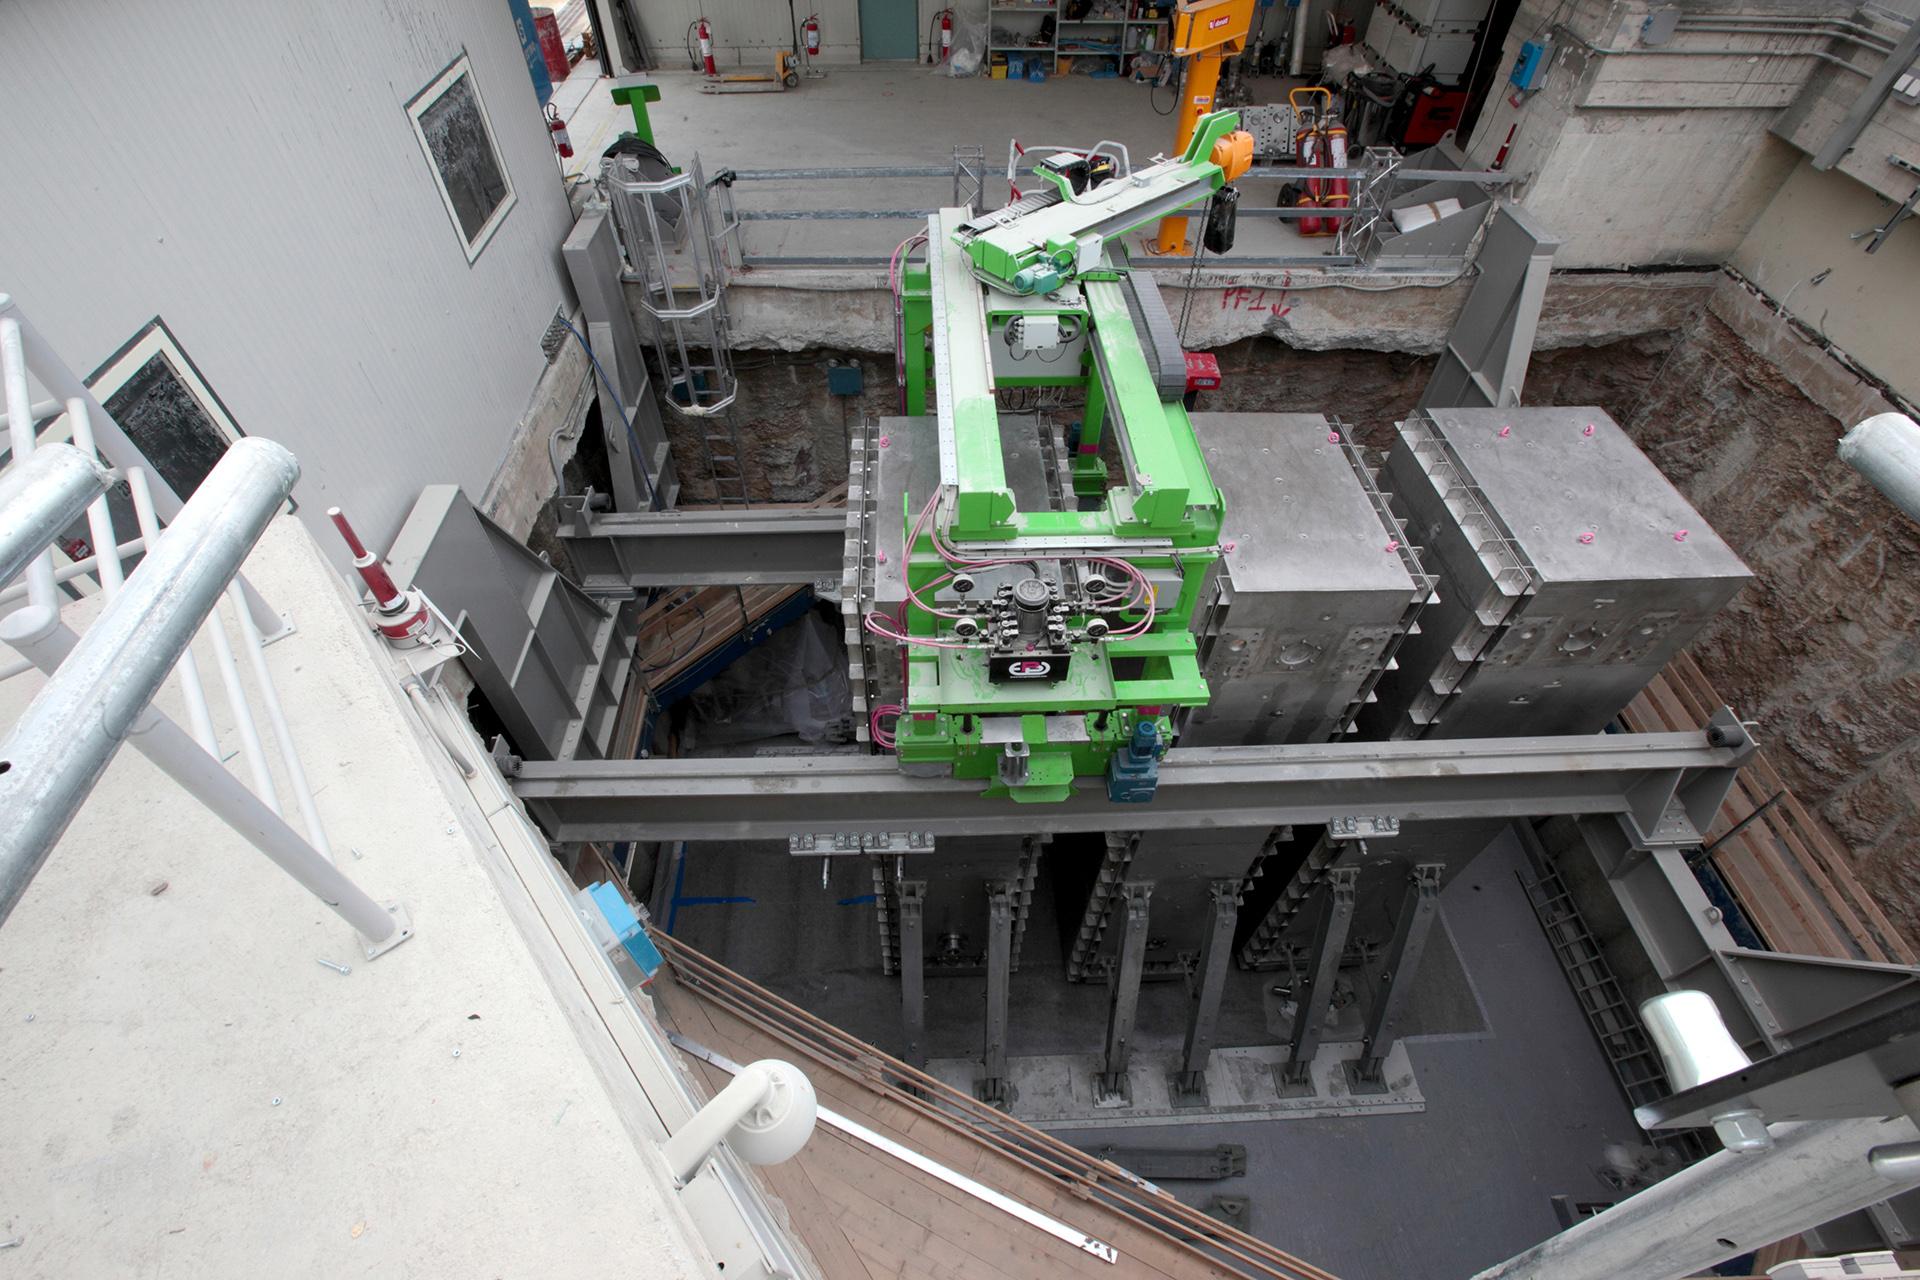 L'interno della fossa 7.1 dopo l'estrazione del primo dei 4 pozzi che costituivano il monolite